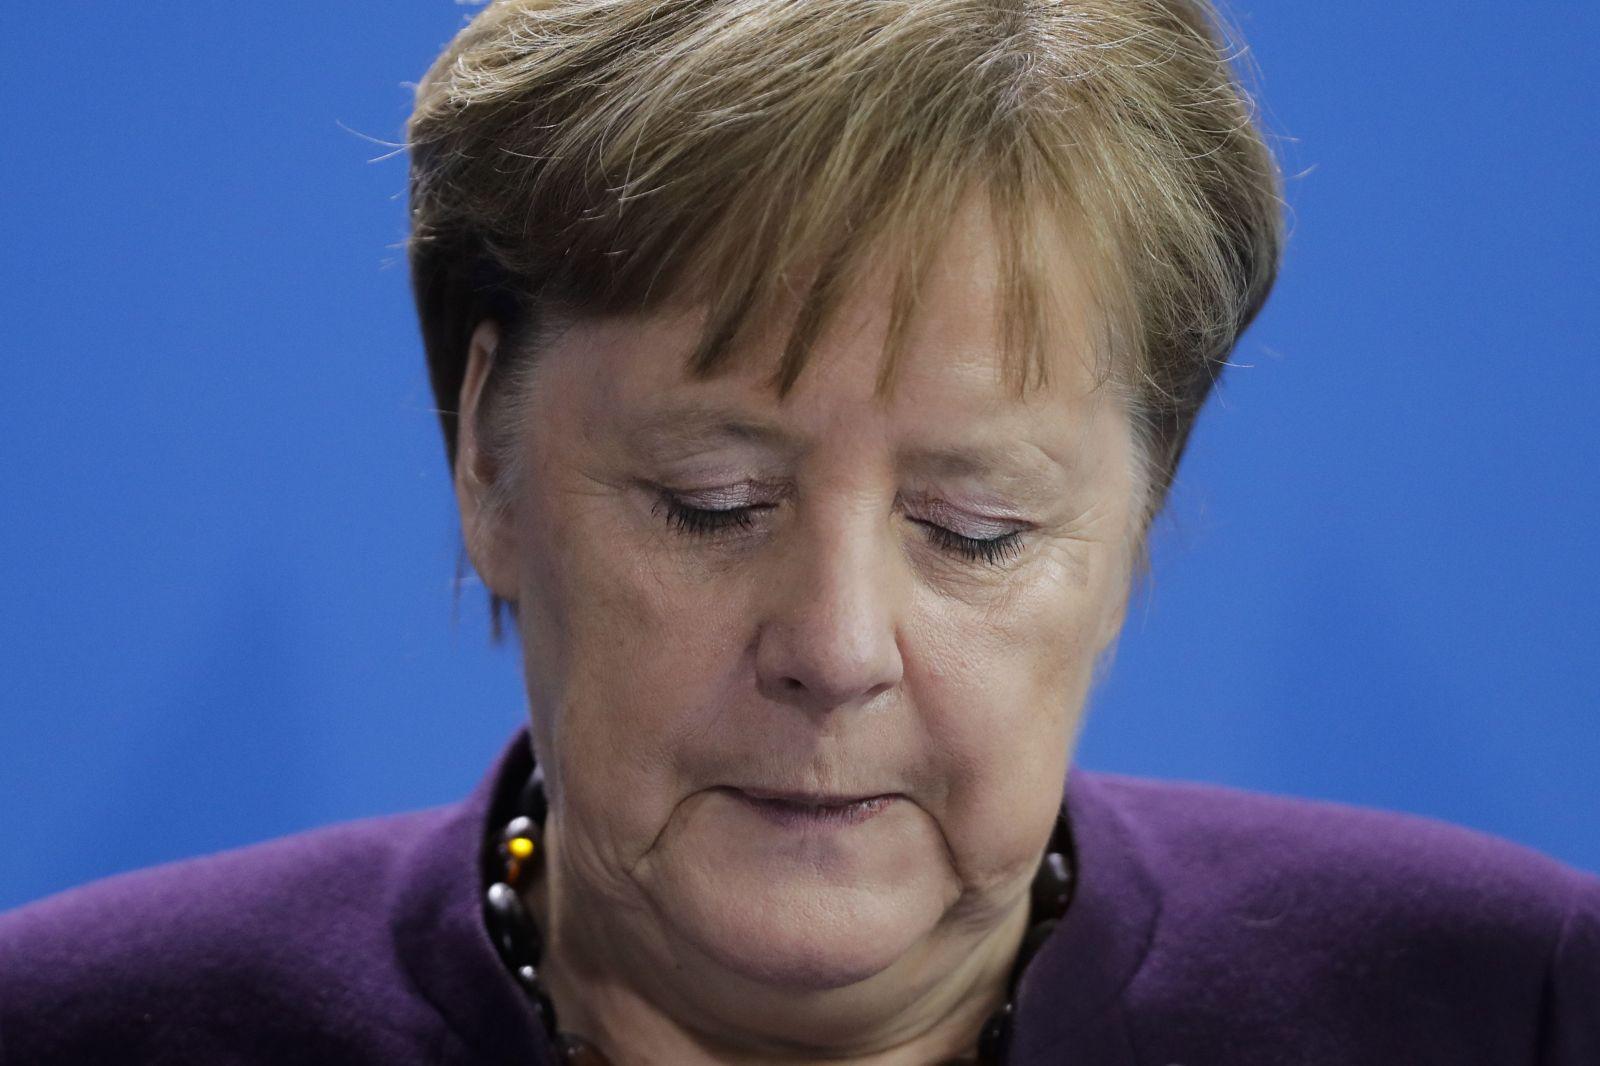 Koronavírus môže zasiahnuť až dve tretiny nášho obyvateľstva, tvrdí nemecká kancelárka Merkelová